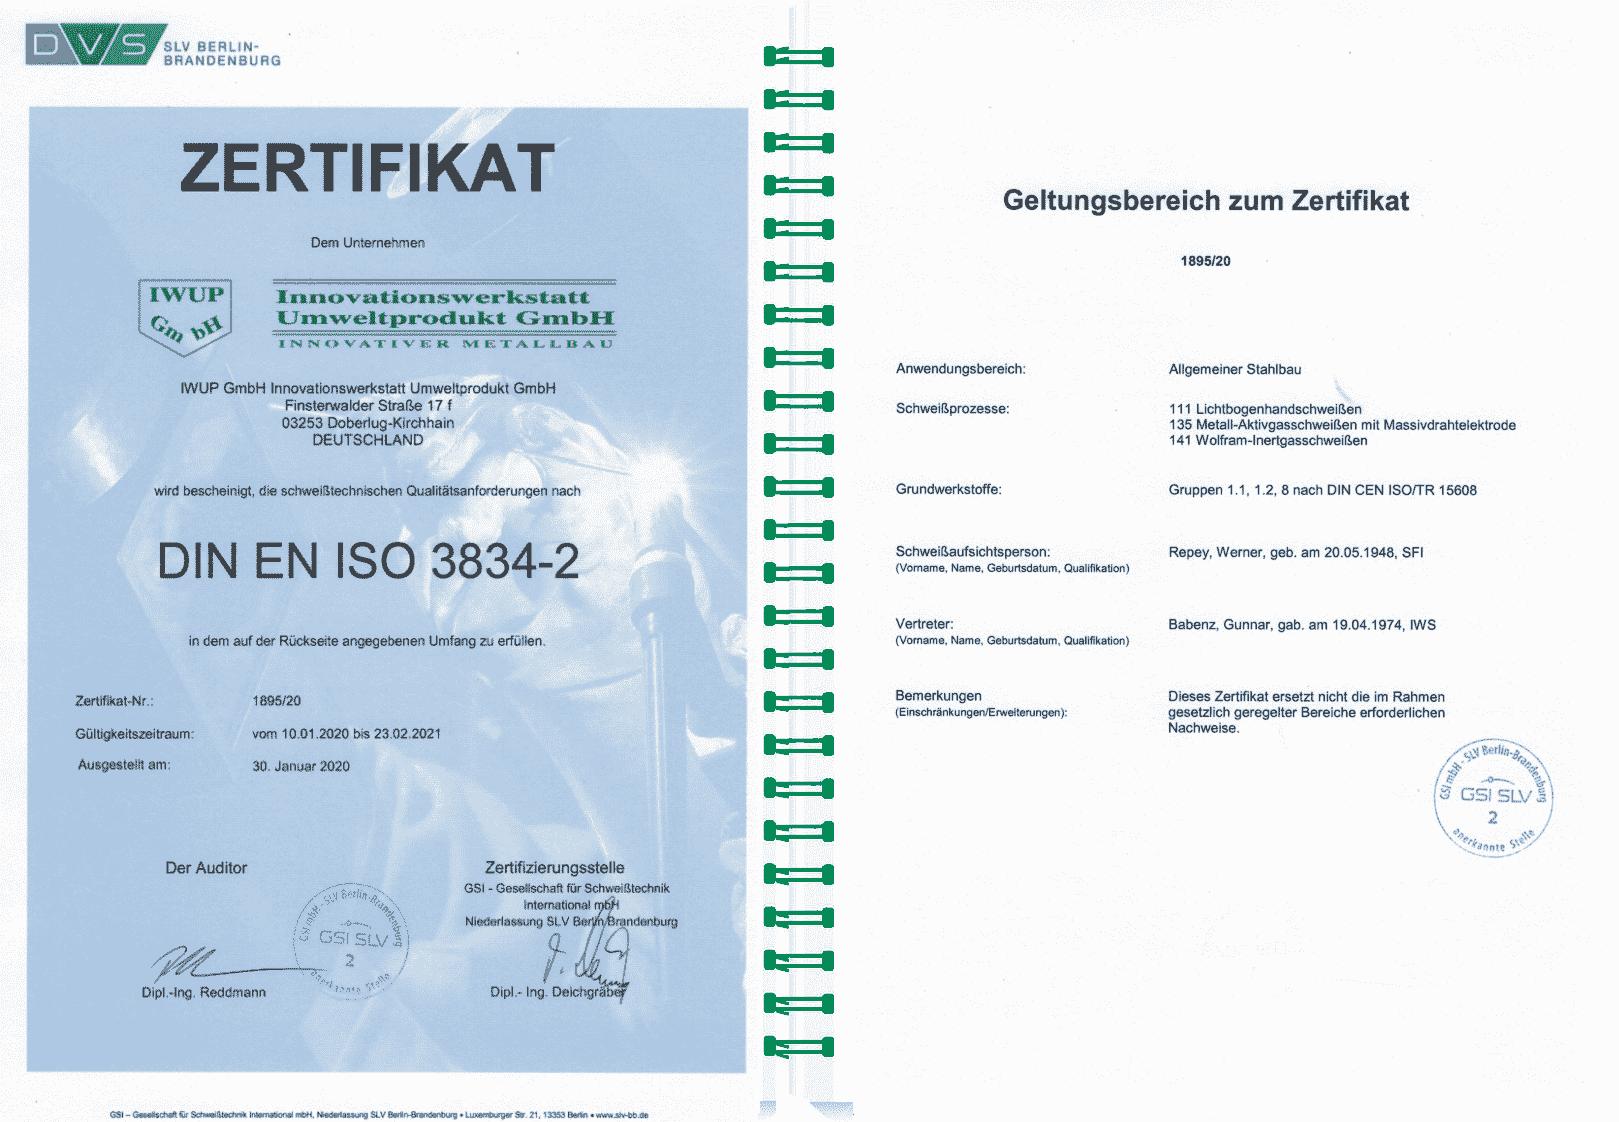 Schweißeignung DIN EN ISO 3834-2